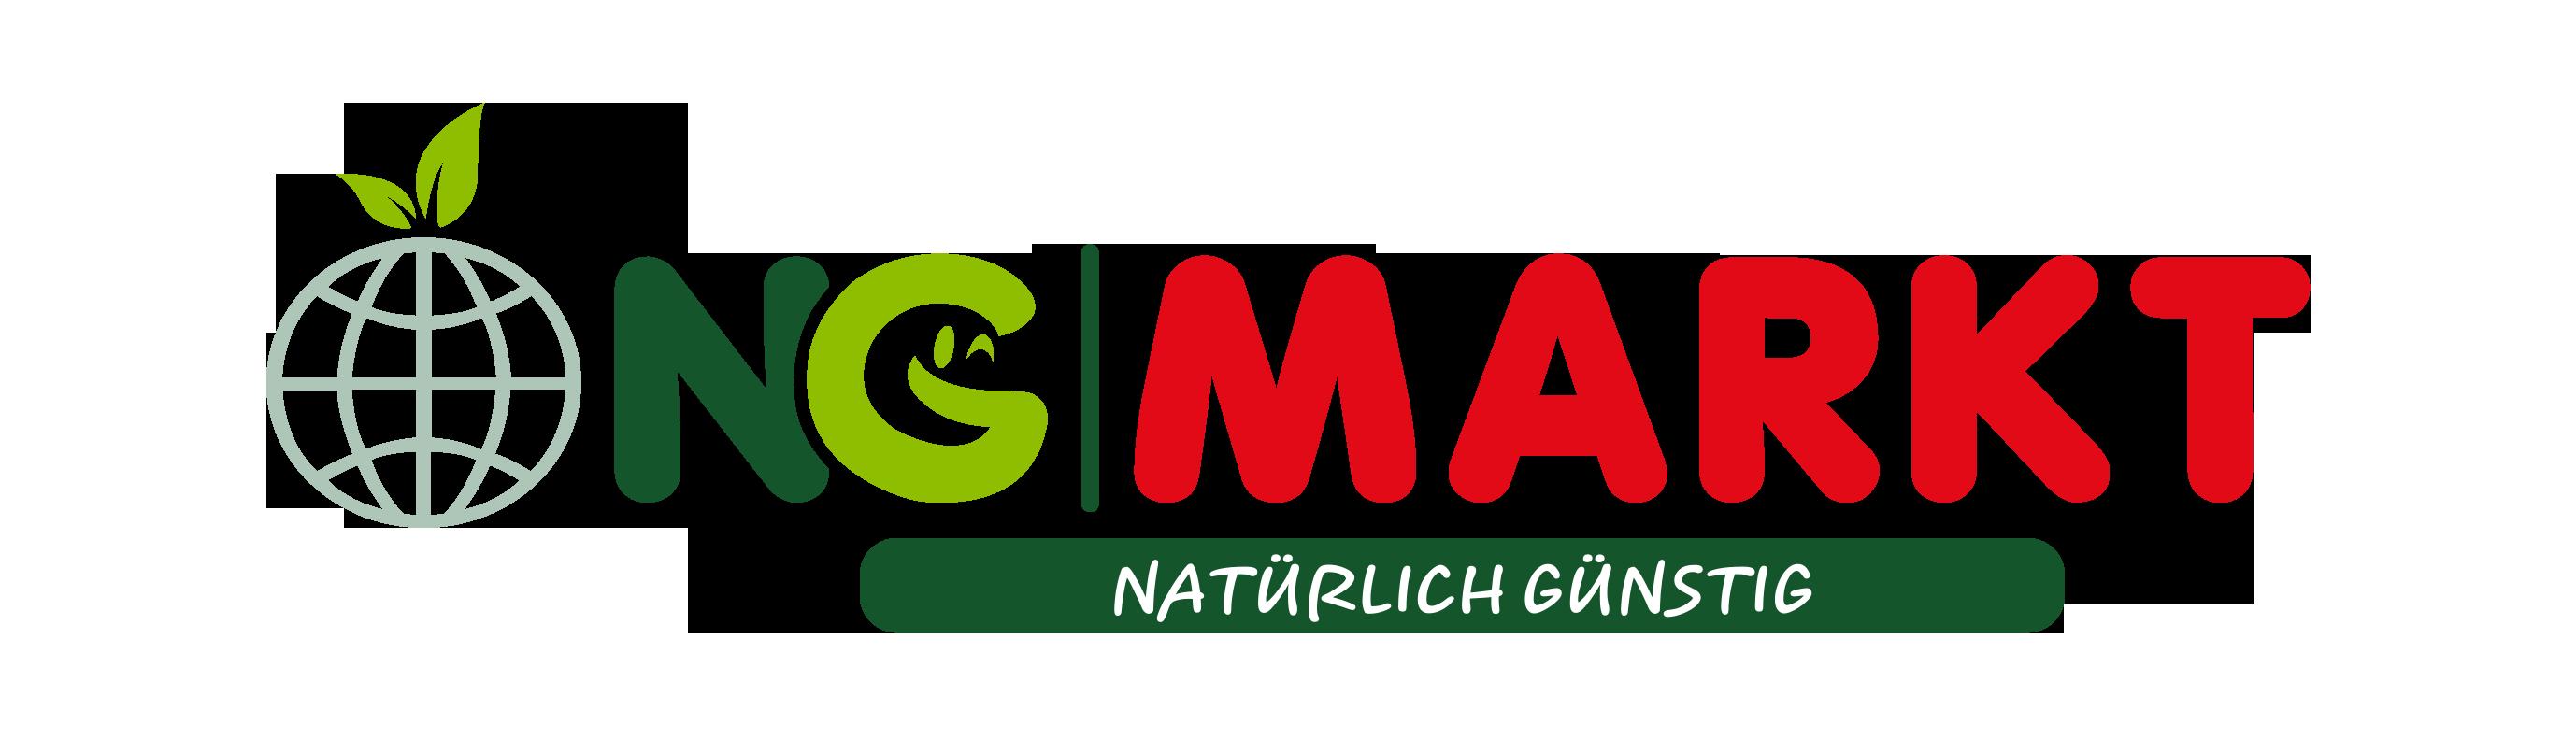 NG MARKT